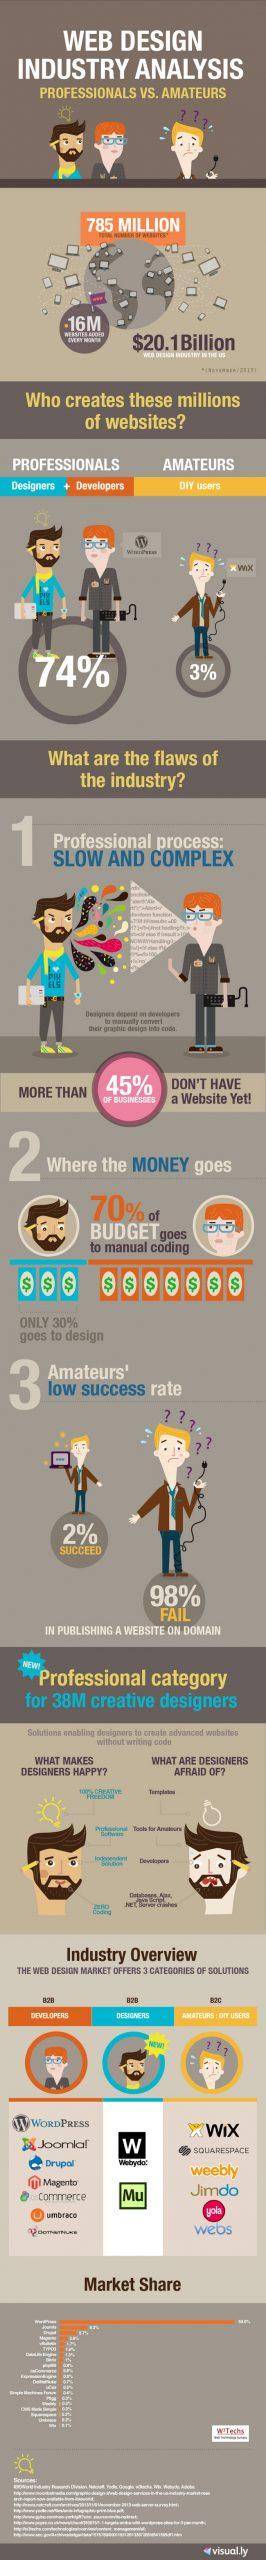 Анализ индустрии веб-дизайна – профессионалы против любителей [Infographic]